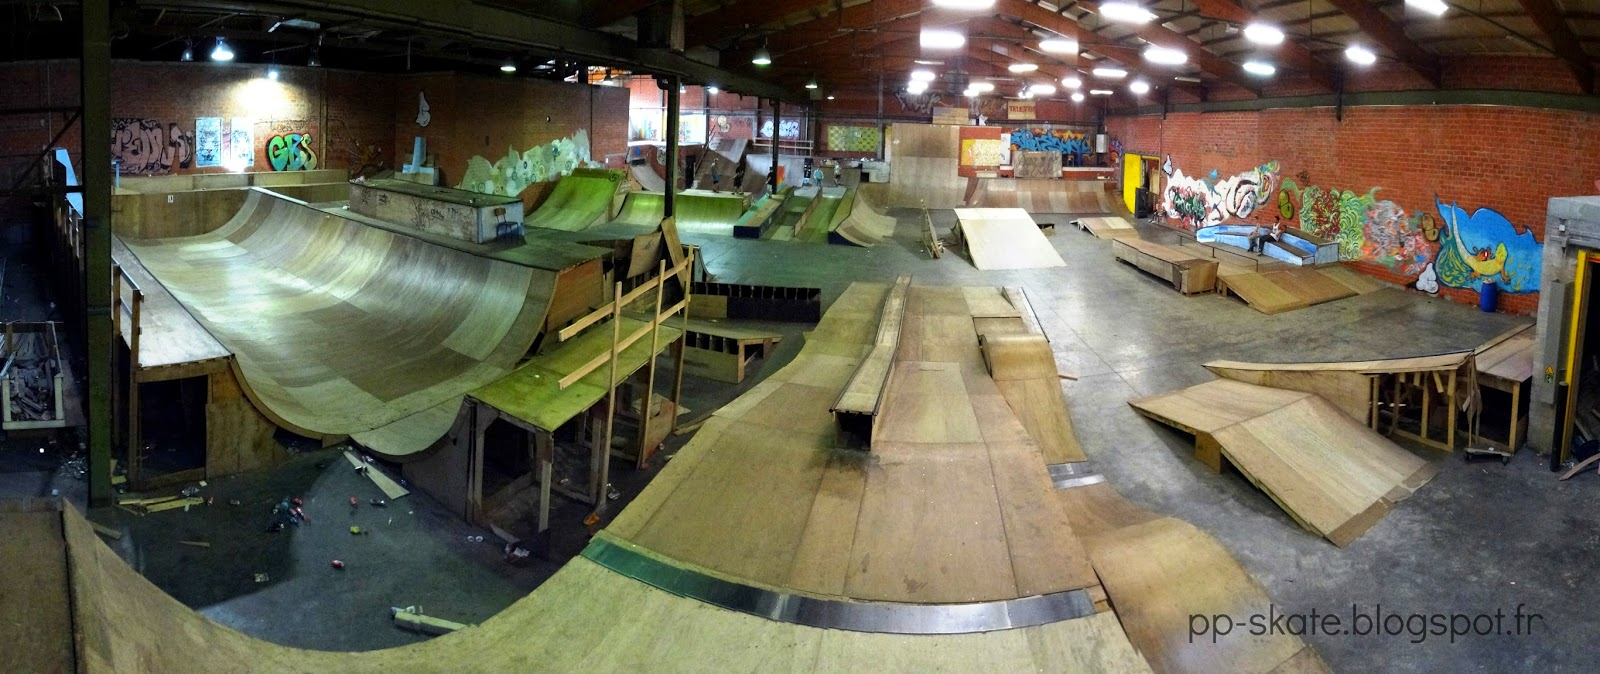 skatepark couvert belgique